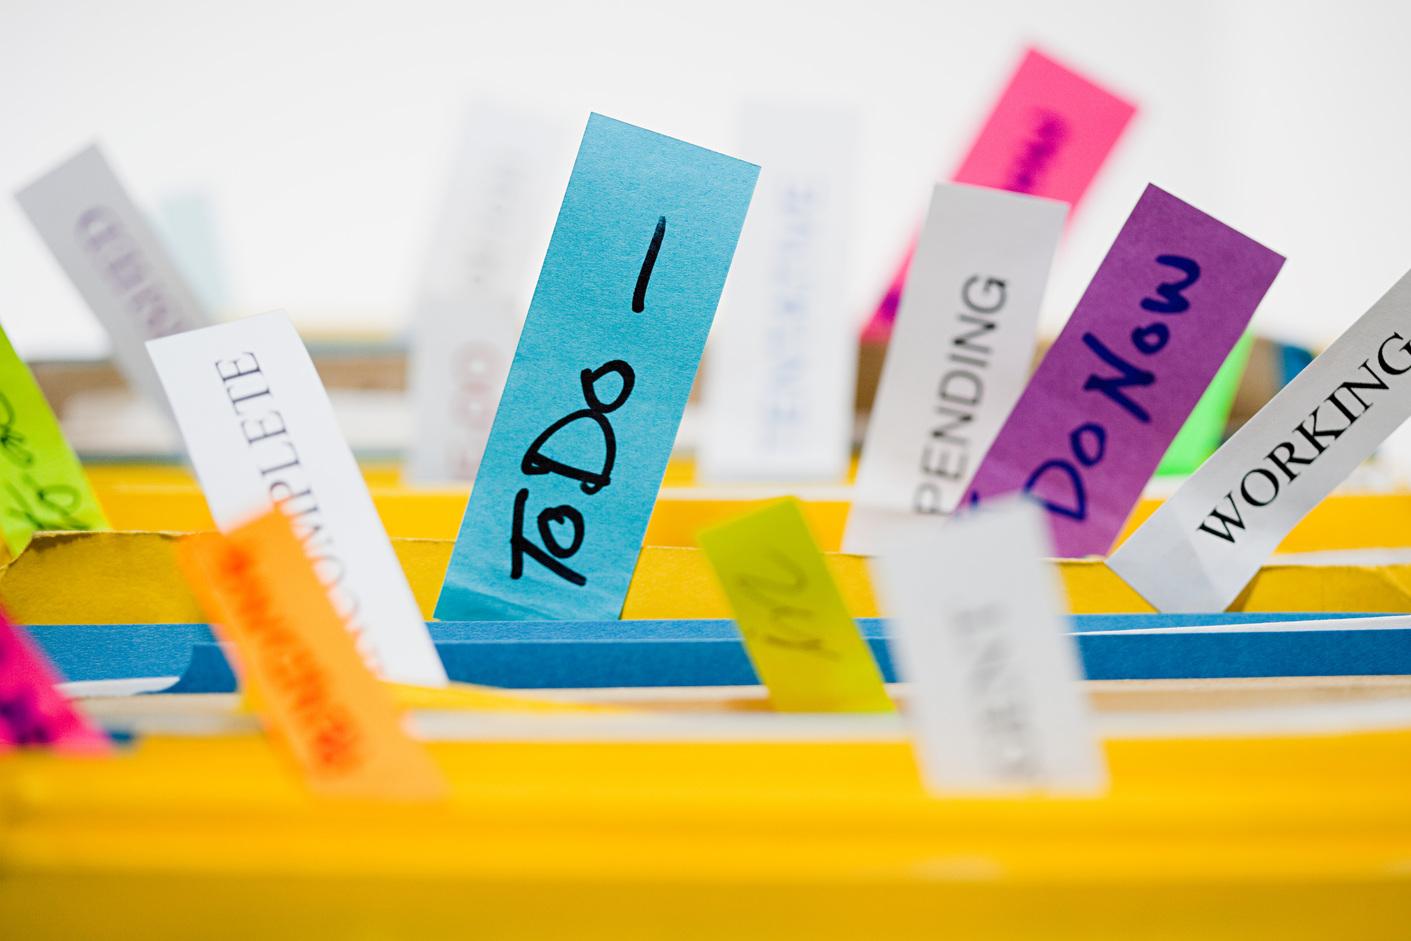 More Organised